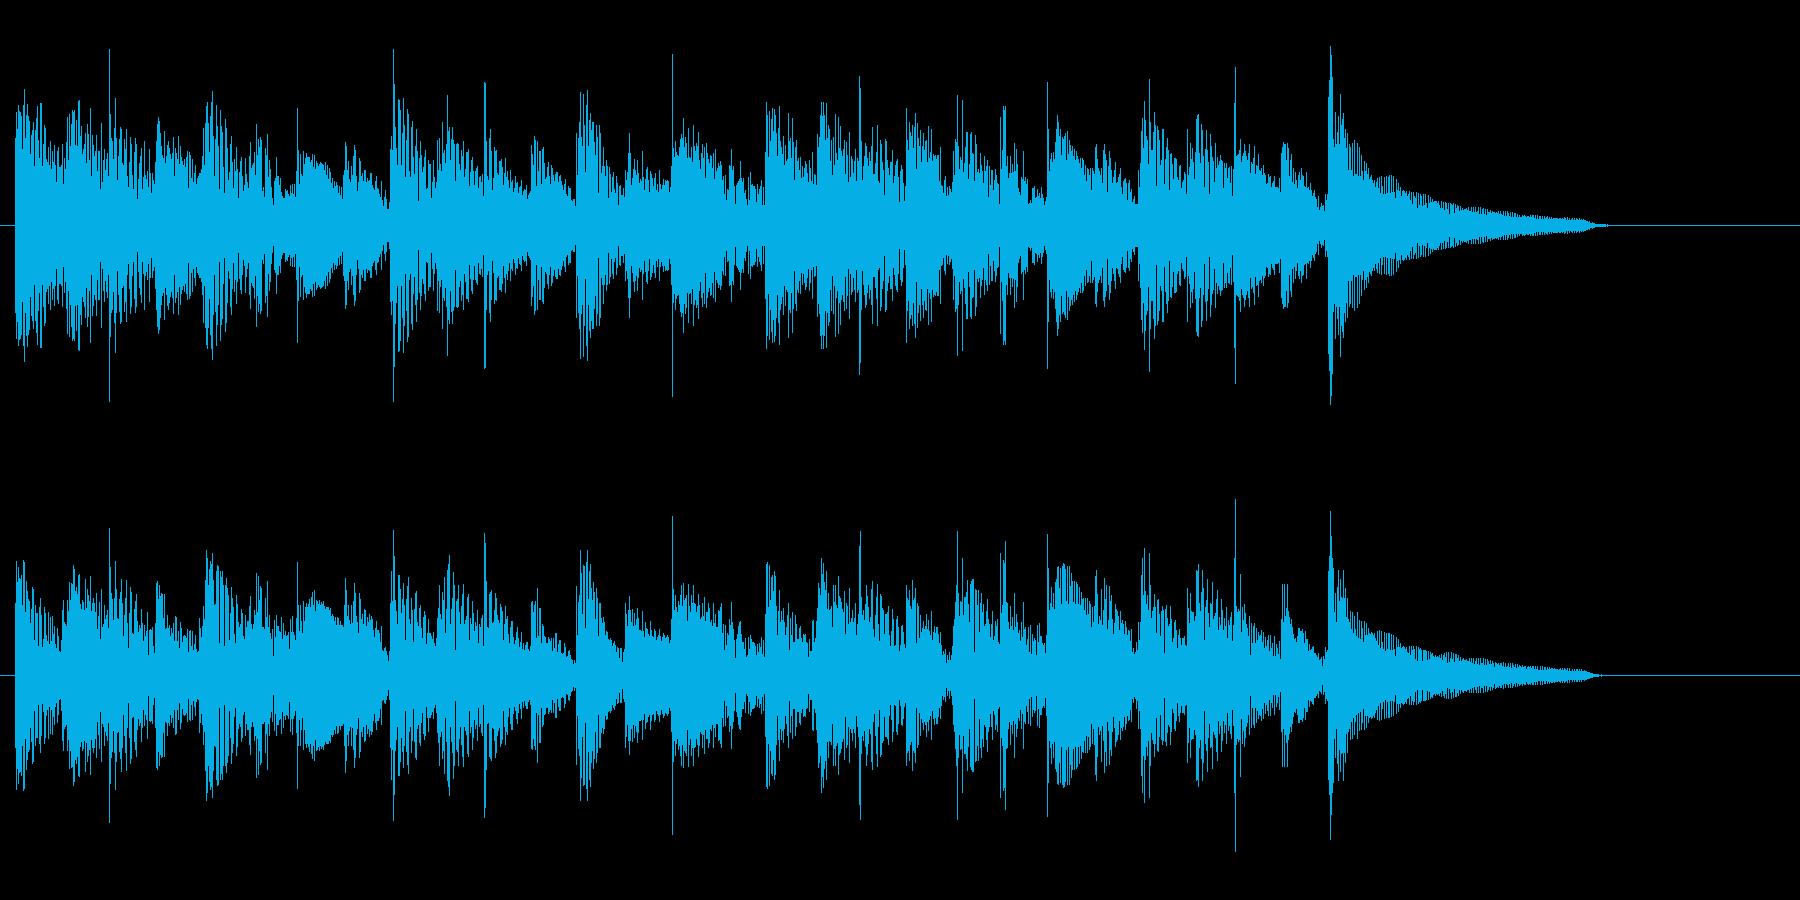 マリンバとアコギの優しいジングルの再生済みの波形